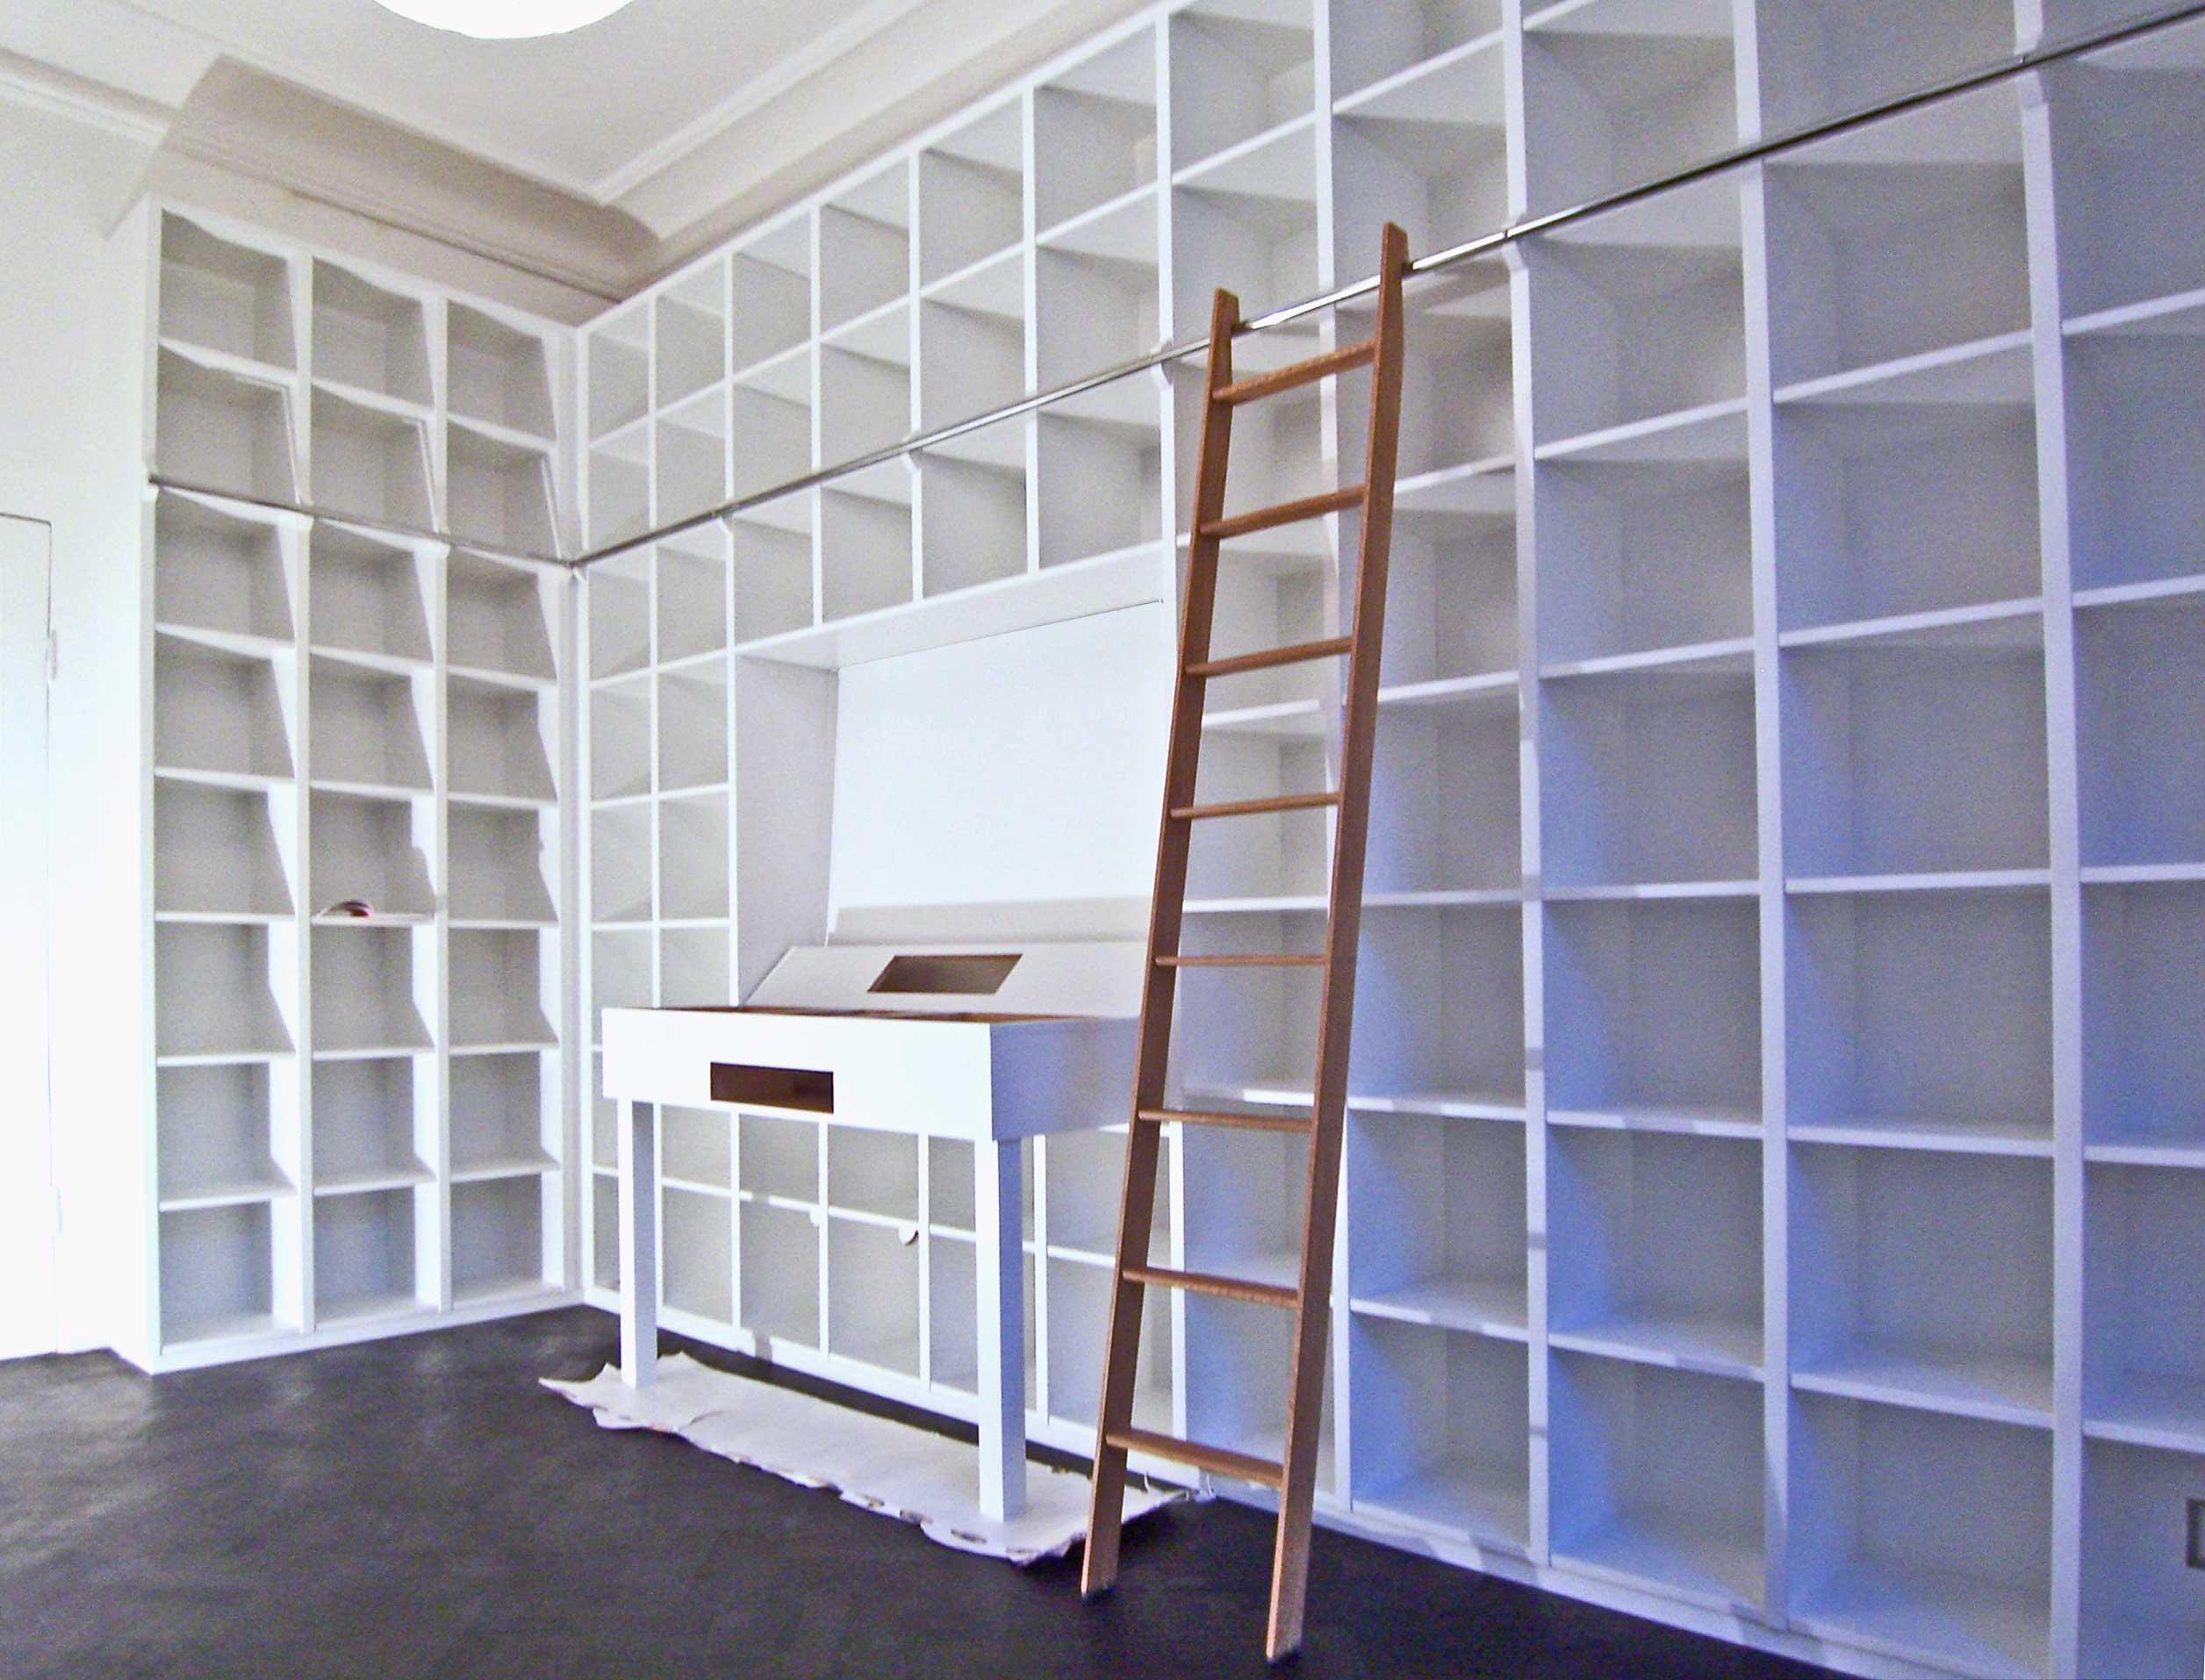 Platsbyggd bokhylla fr vinylskivsamlingen  bcker och DJ anlggning